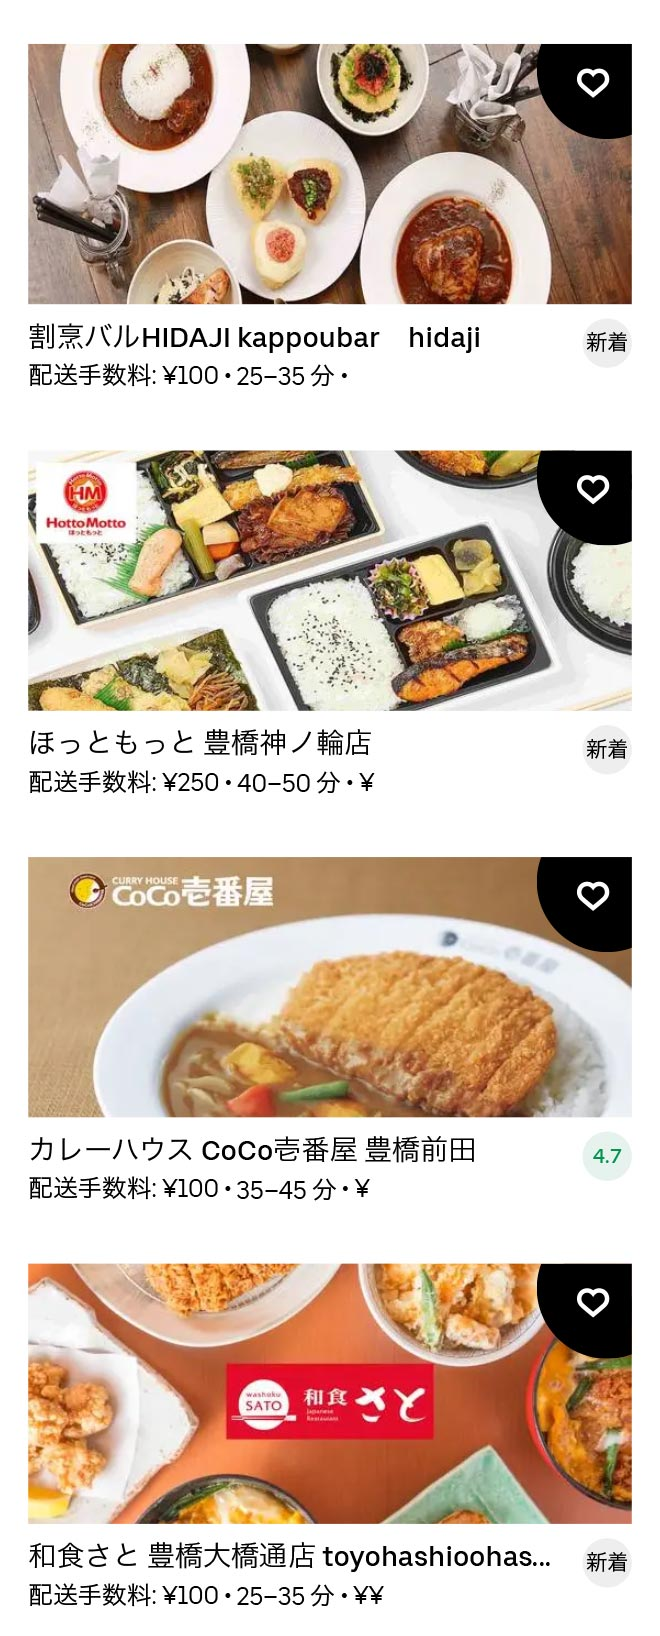 Toyohashi menu 2012 02